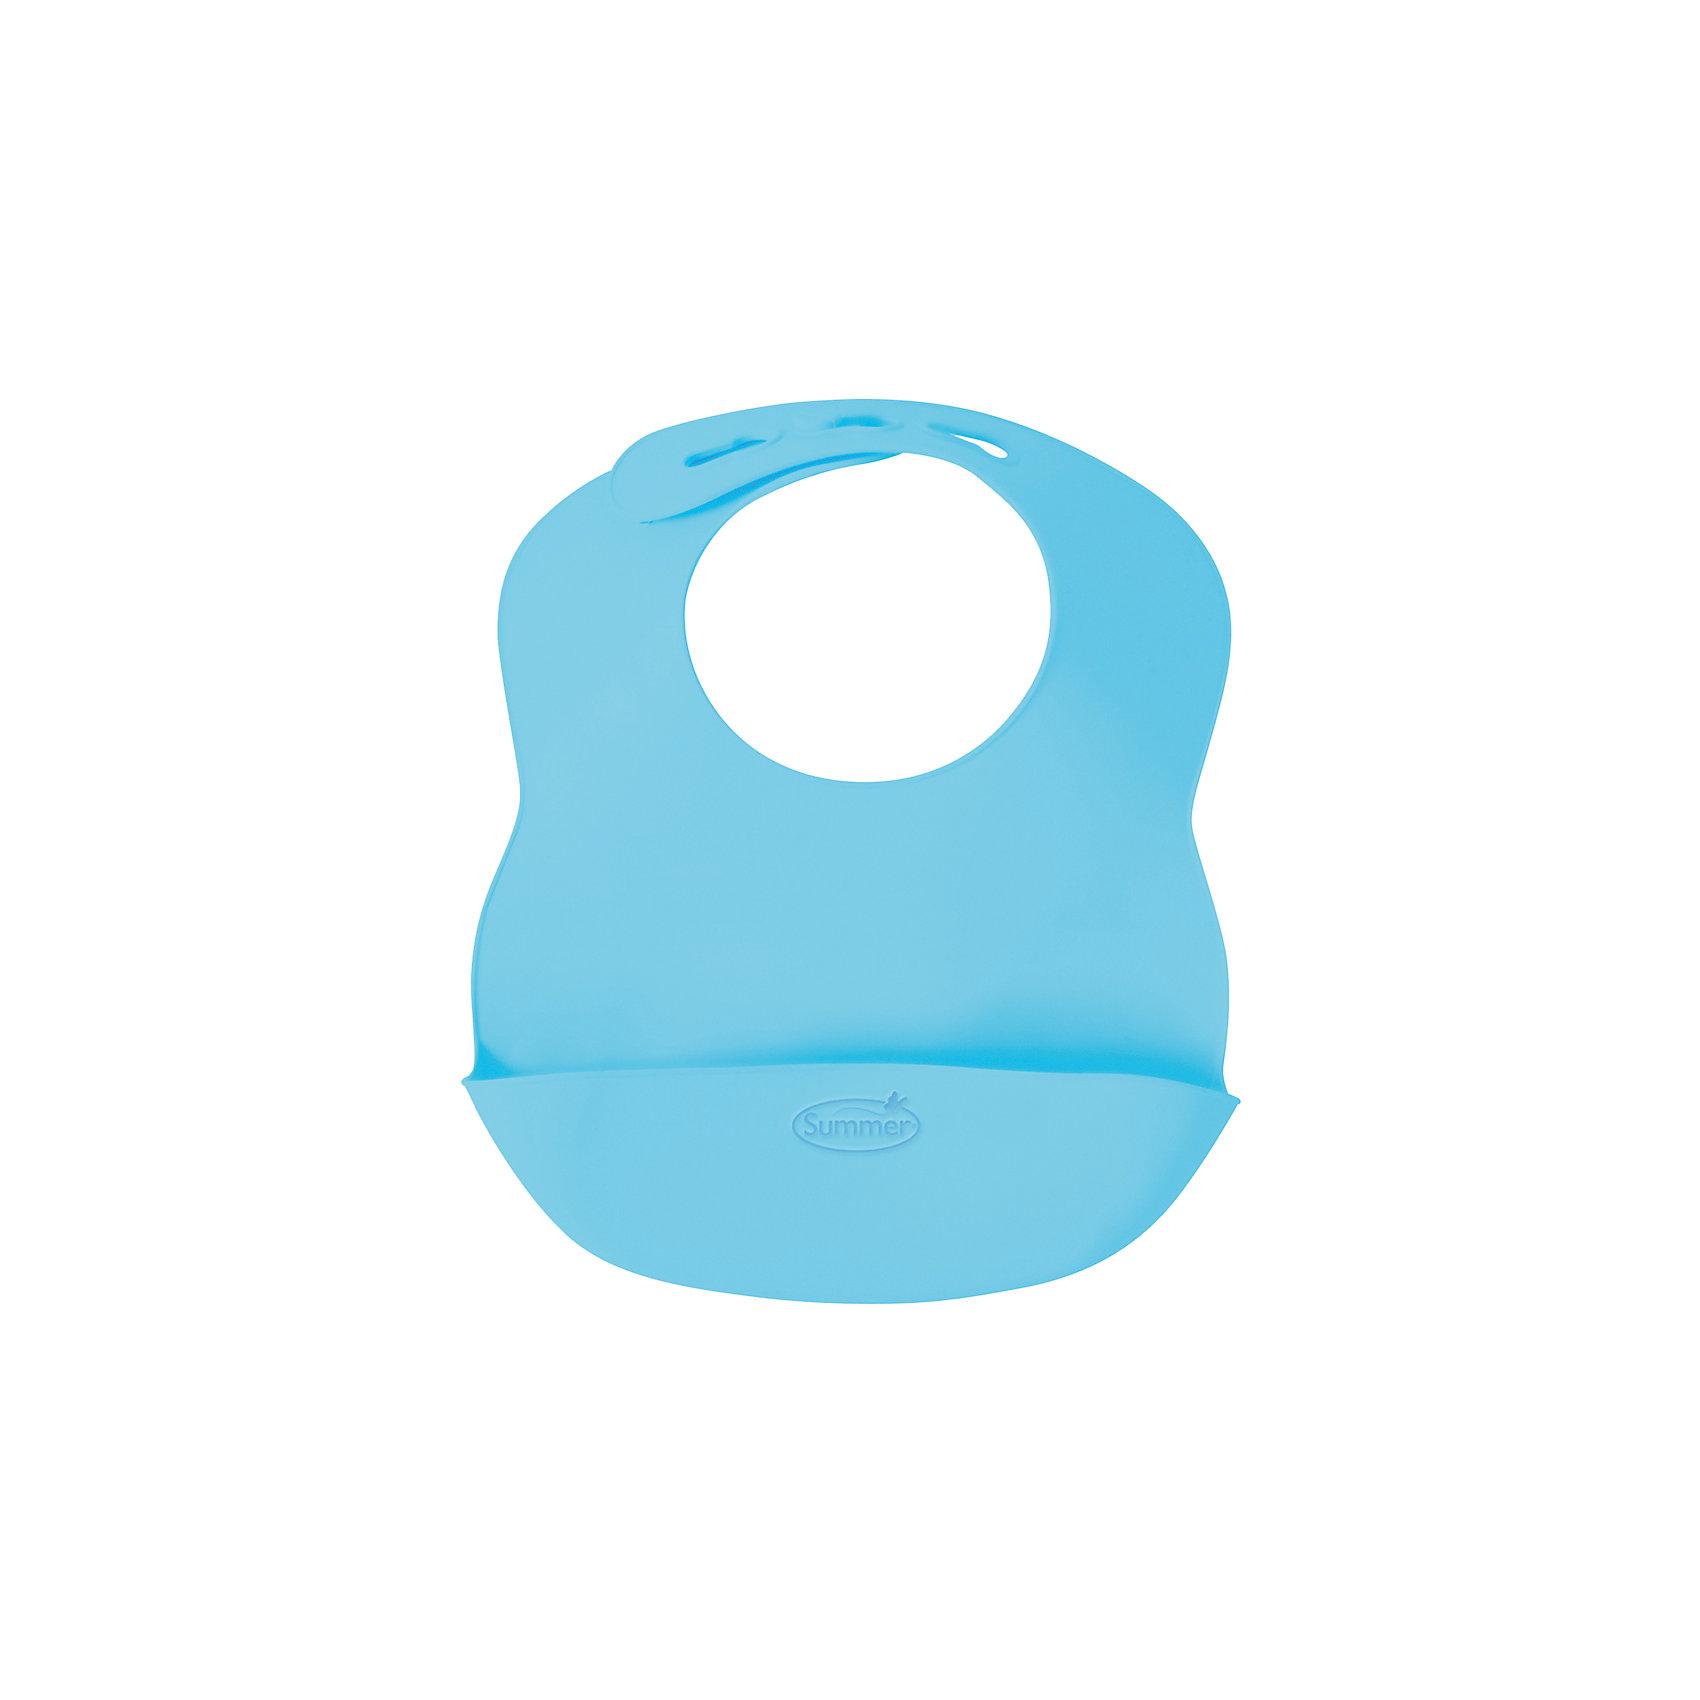 Нагрудник Bibbity, Summer Infant,голубойНагрудник Bibbity специально создан, чтобы собирать крошки и остатки еды малыша, защищая его одежду от пятен.<br>Сделан из мягкого гибкого материала, чтобы малышу было максимально комфортно его носить.<br>Мягкие контуры воротничка легко регулируются на шее ребенка.<br>Удобно брать на прогулки, нагрудник занимает мало место в сумке, можно сворачивать.<br>Легко протирается, не нужно застирывать.<br>Не содержит бисфинола А, свинца, винила, фталатов и латекса.<br><br>Ширина мм: 230<br>Глубина мм: 275<br>Высота мм: 50<br>Вес г: 120<br>Возраст от месяцев: 6<br>Возраст до месяцев: 36<br>Пол: Мужской<br>Возраст: Детский<br>SKU: 5508009